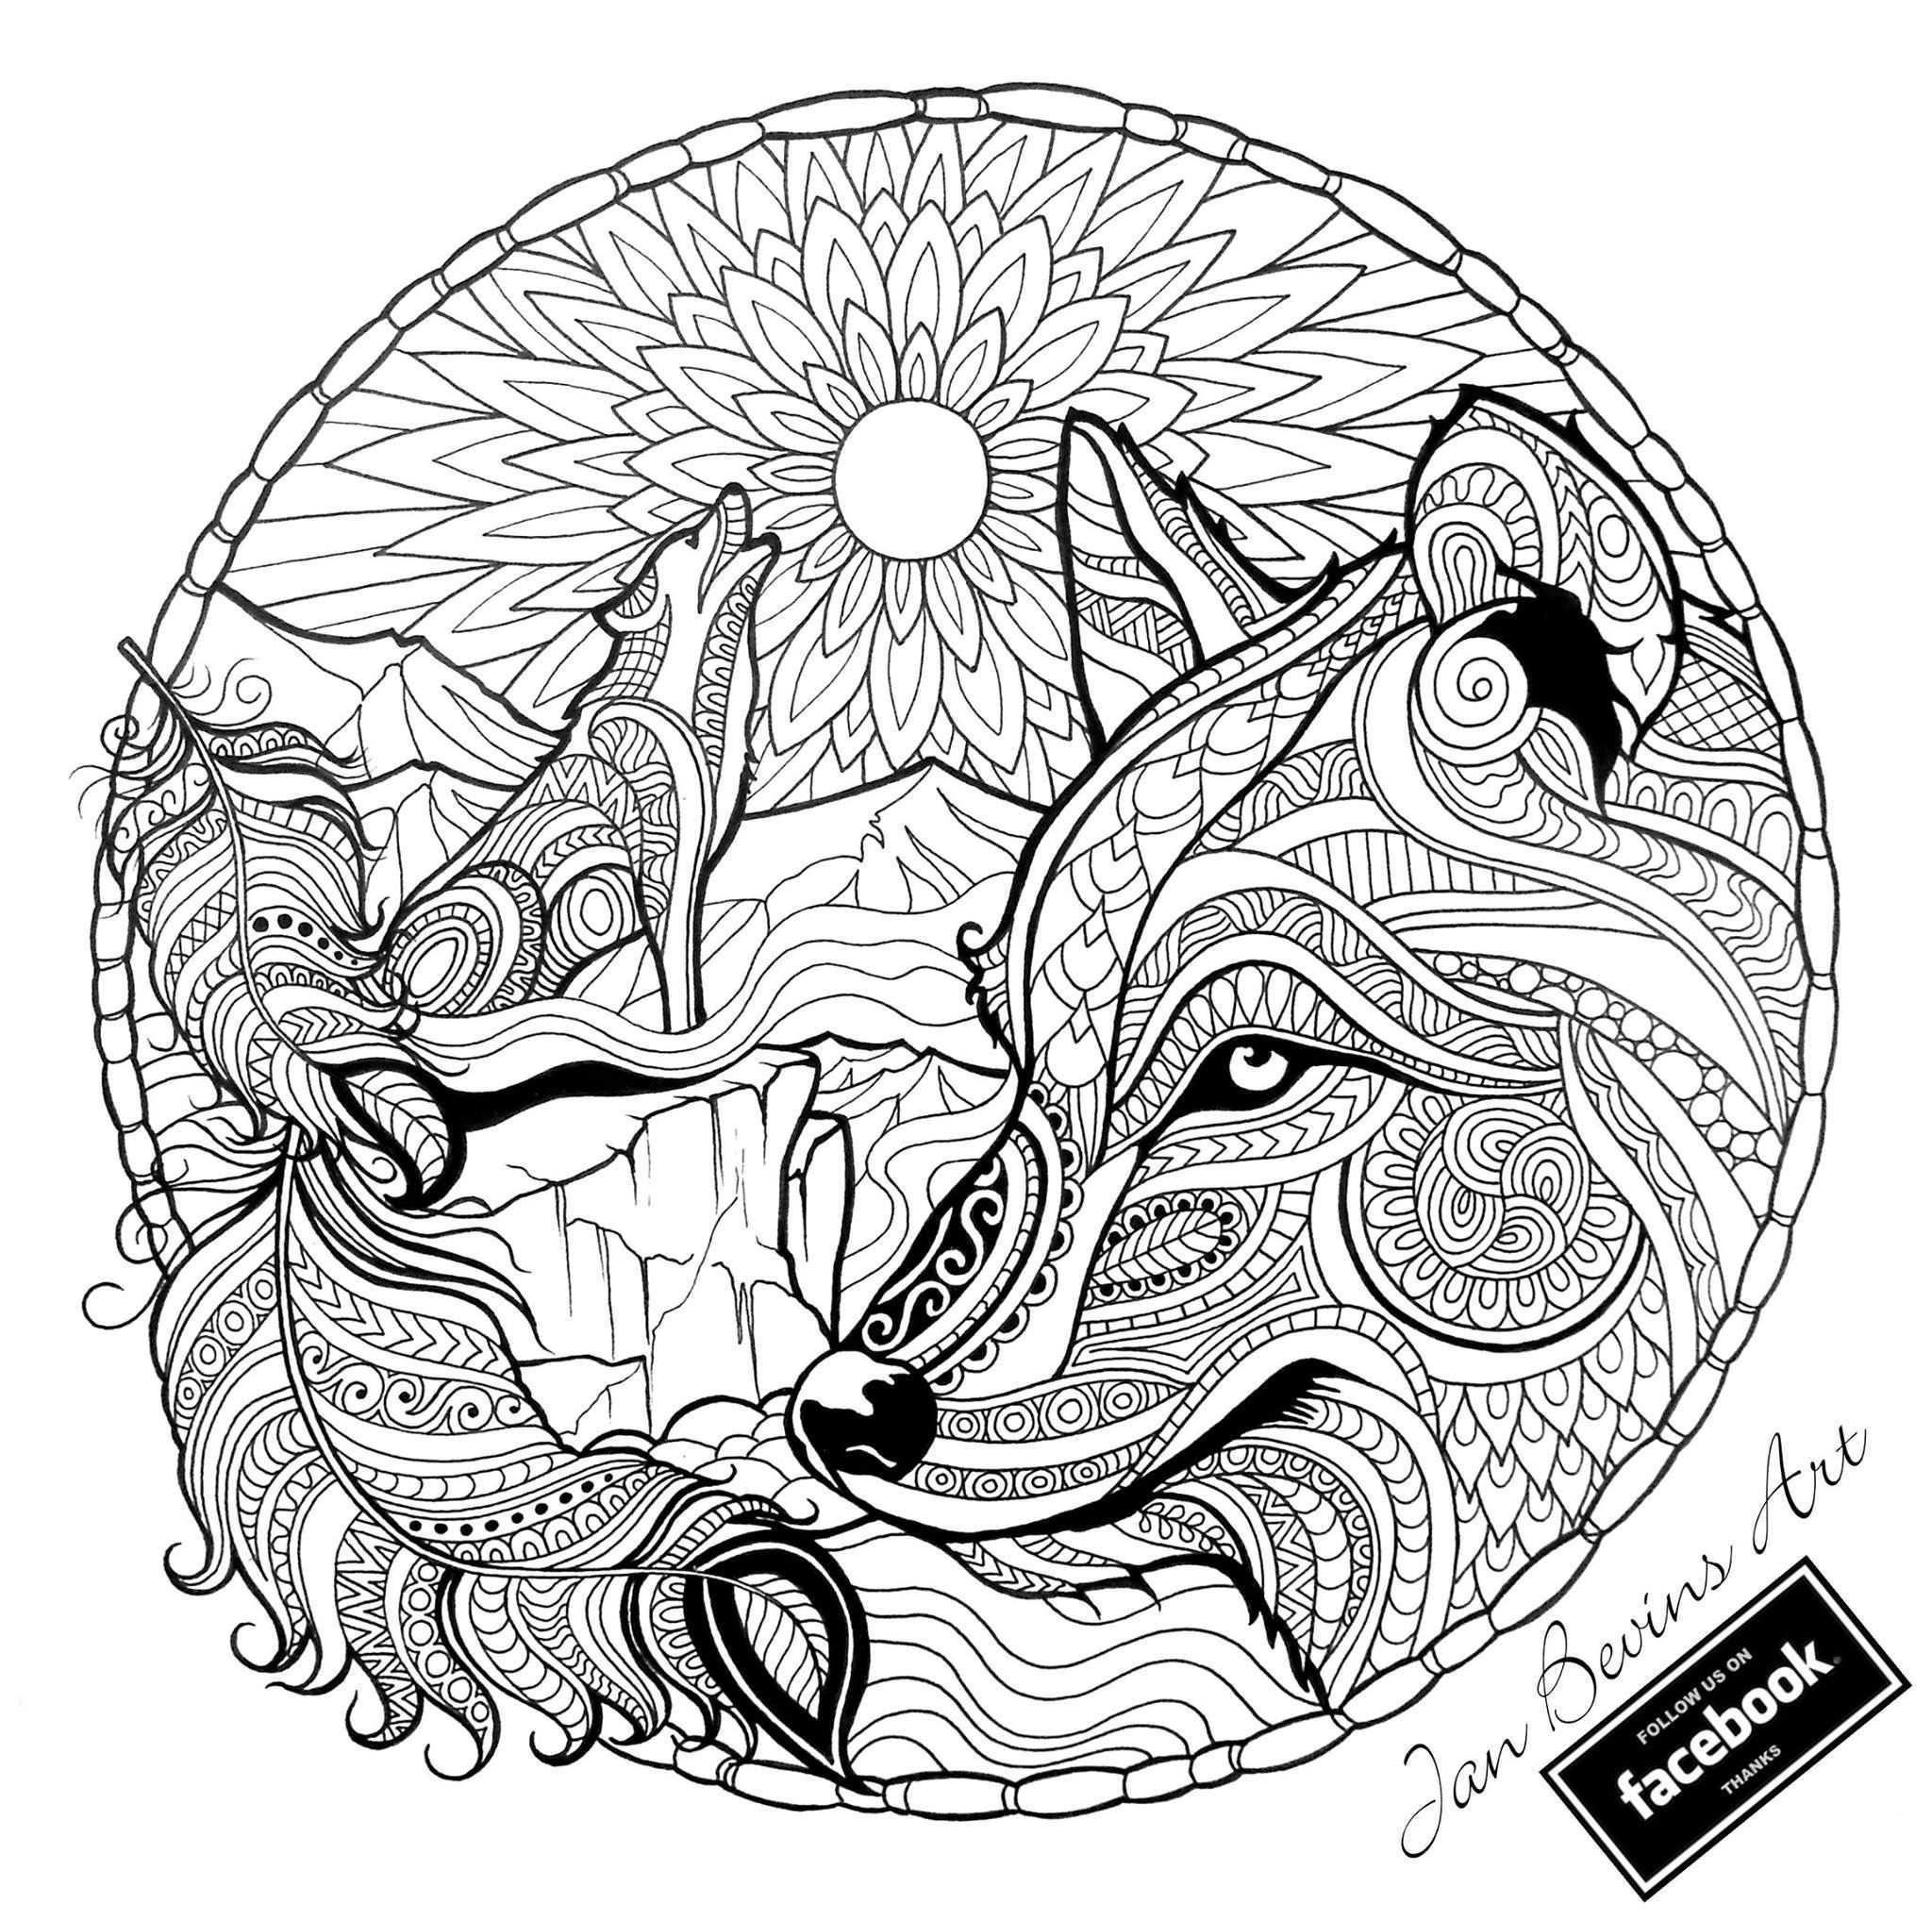 דפי צביעה מנדלה Fox Coloring Page Mandala Coloring Pages Animal Coloring Pages